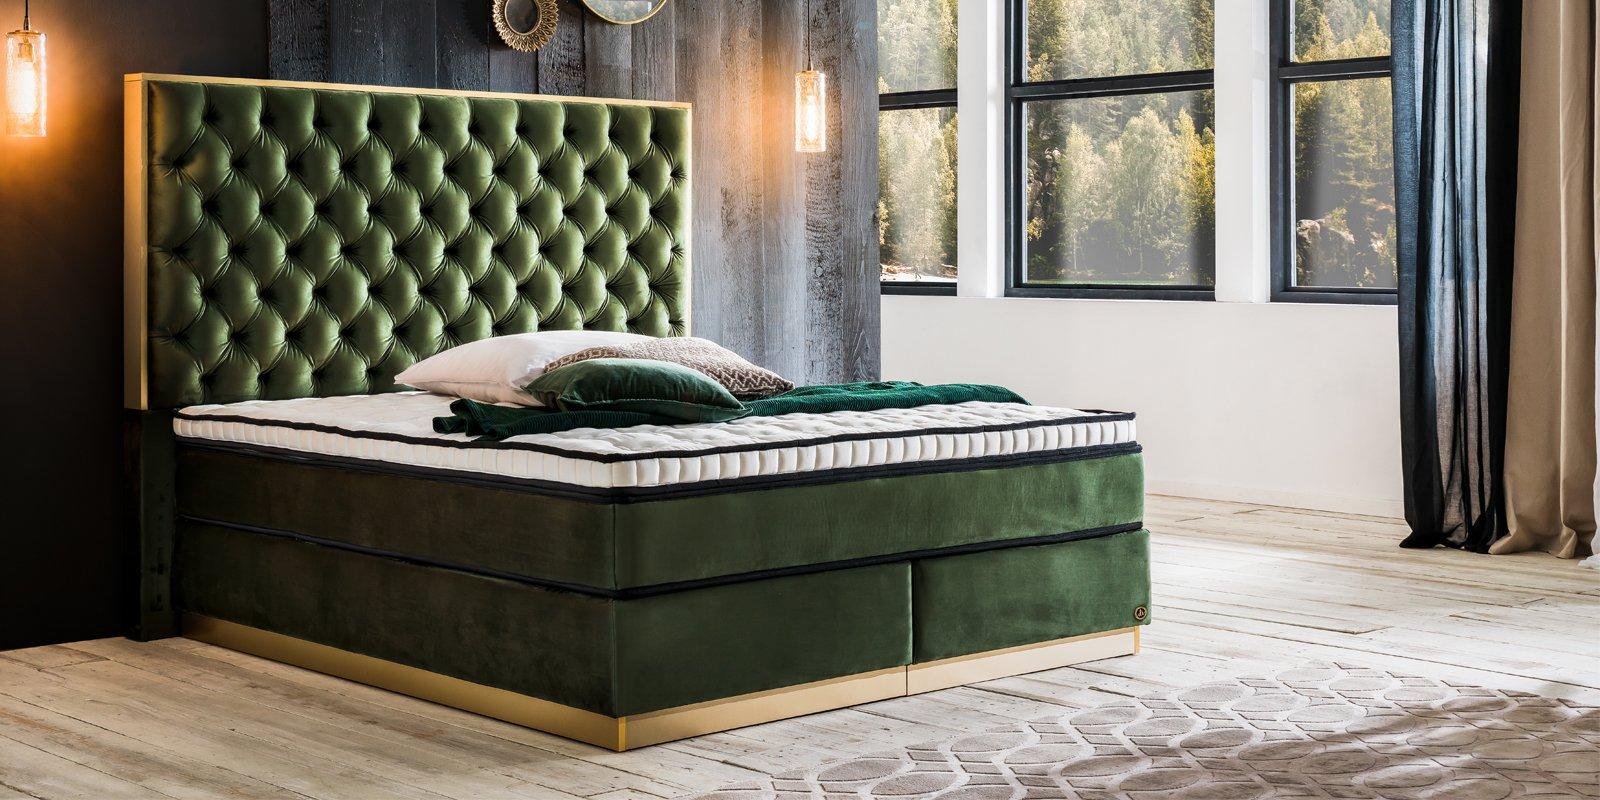 Full Size of Betten Günstig Kaufen Für Teenager Regale 200x220 München Ottoversand Jugend Wohnwert Sofa Gebrauchte Rauch 180x200 Günstige Bett Betten Günstig Kaufen